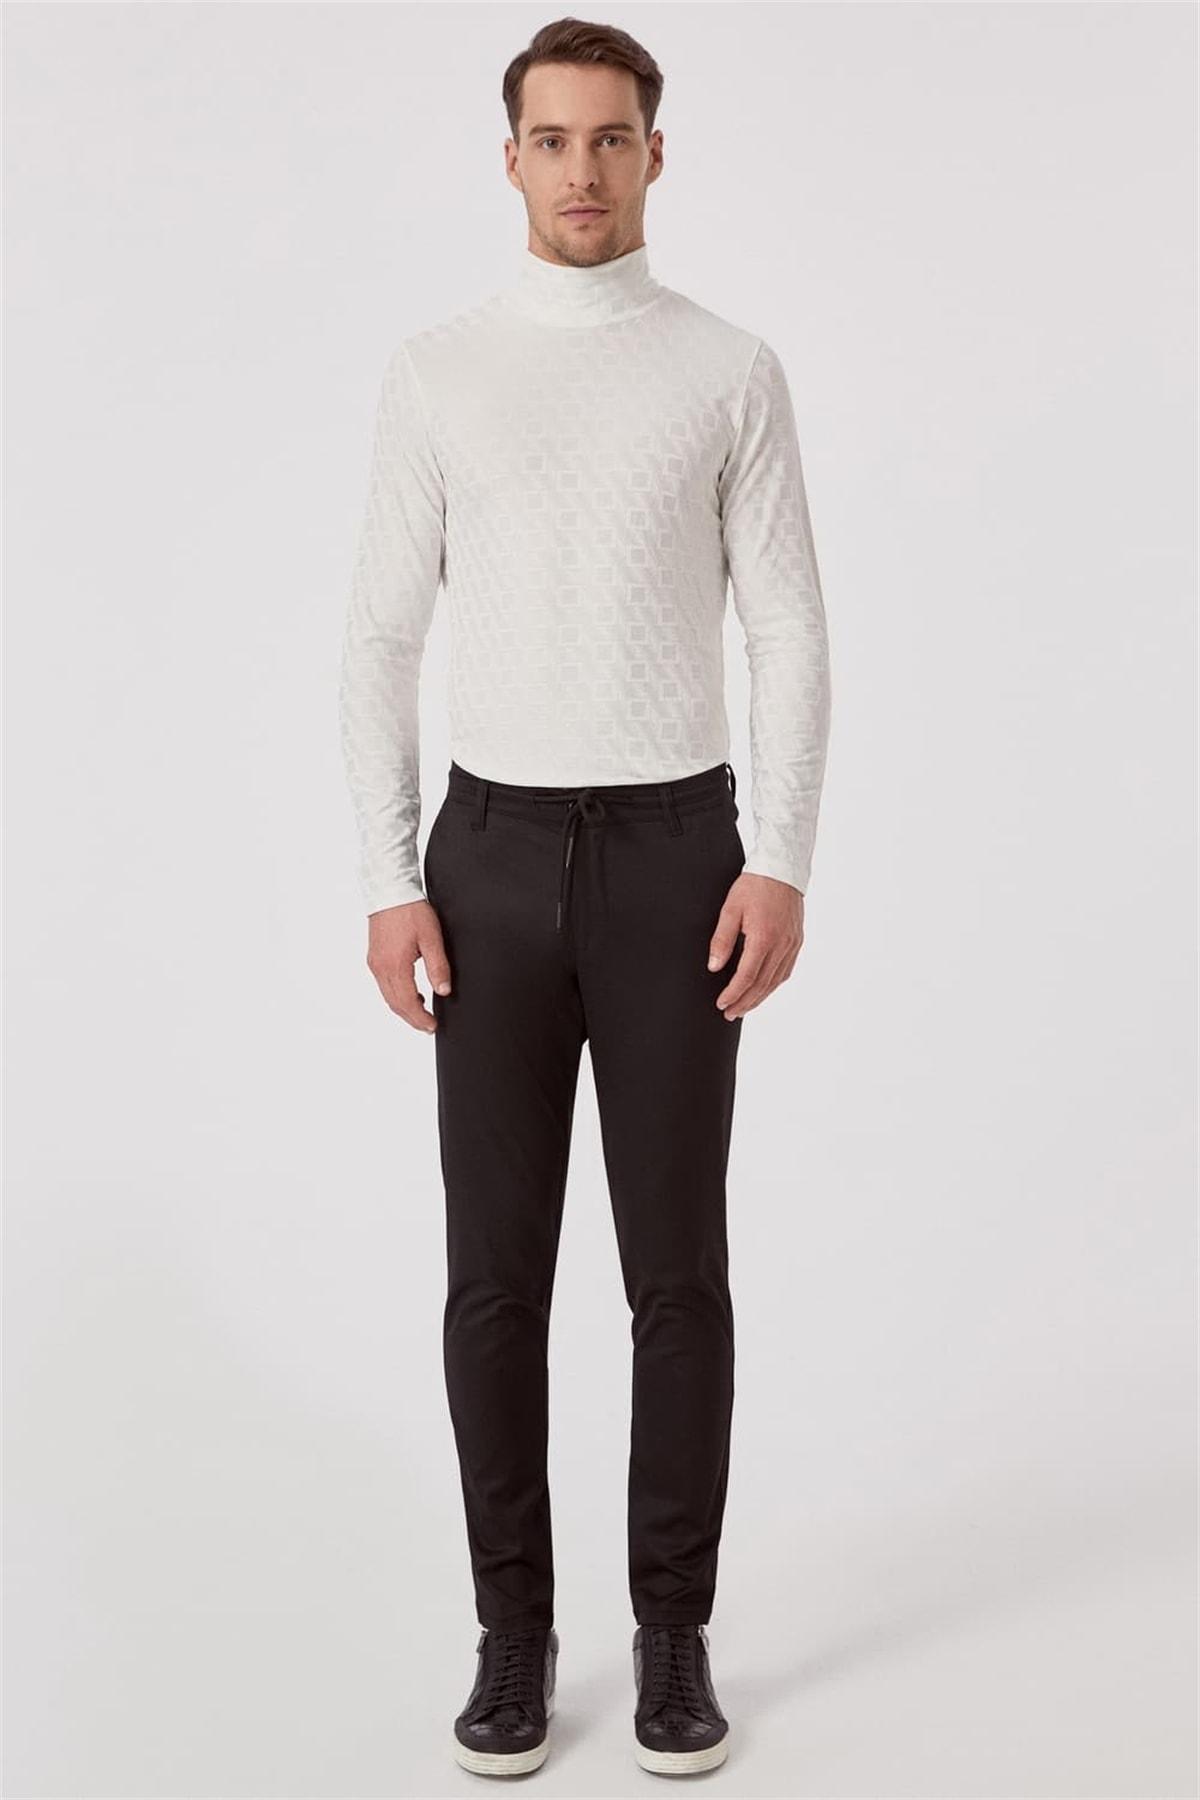 Efor ATP 015 Rahat Kesim Siyah Spor Pantolon 0